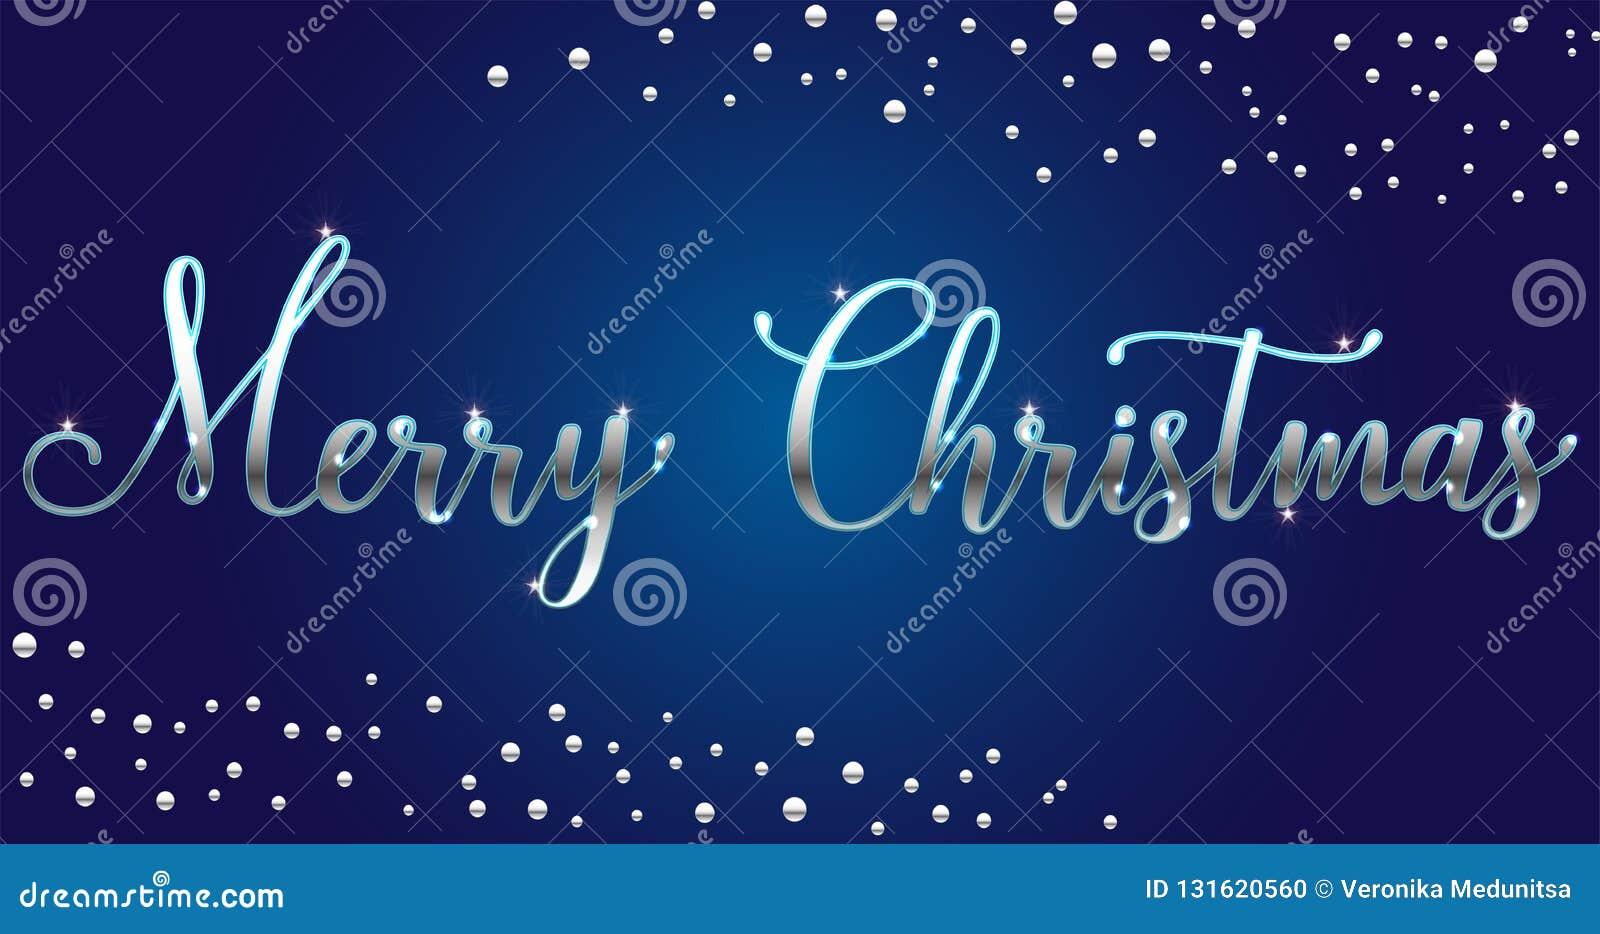 Щетка веселого рождества вектора серебряная яркая помечая буквами текст на голубой предпосылке, для приветствий, карты, реклама,